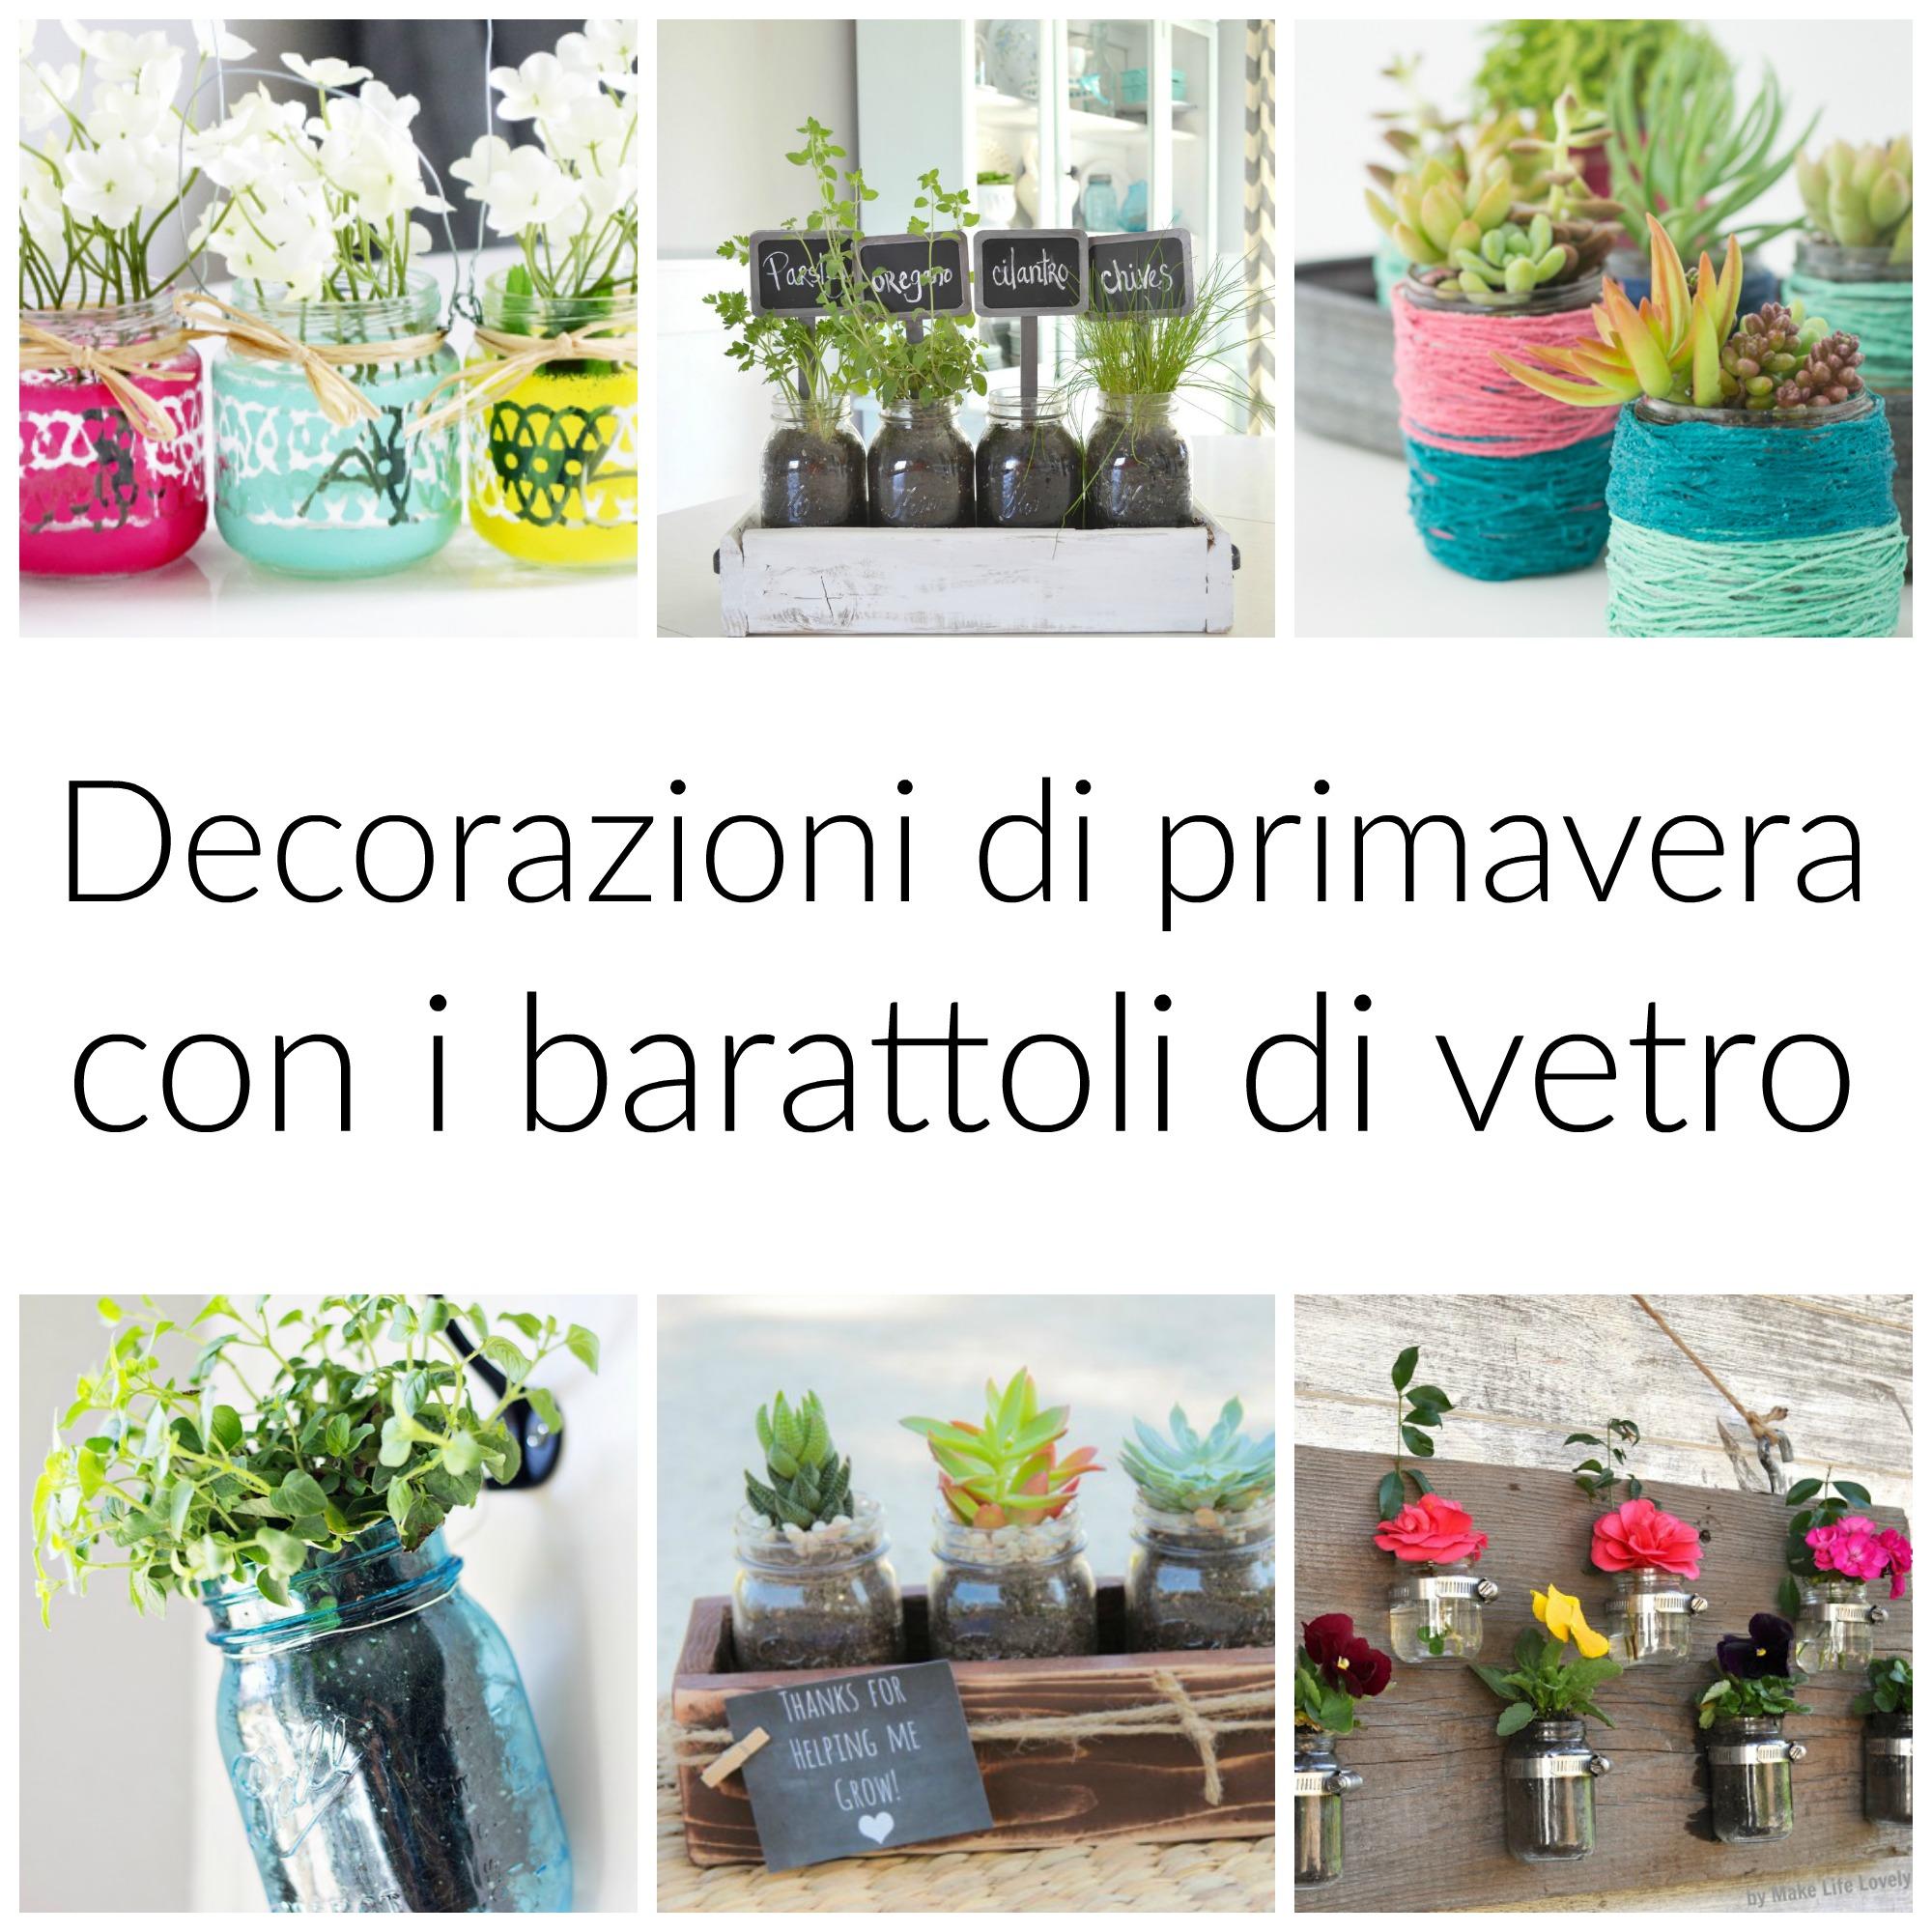 decorazioni-primavera-barattoli-vetro